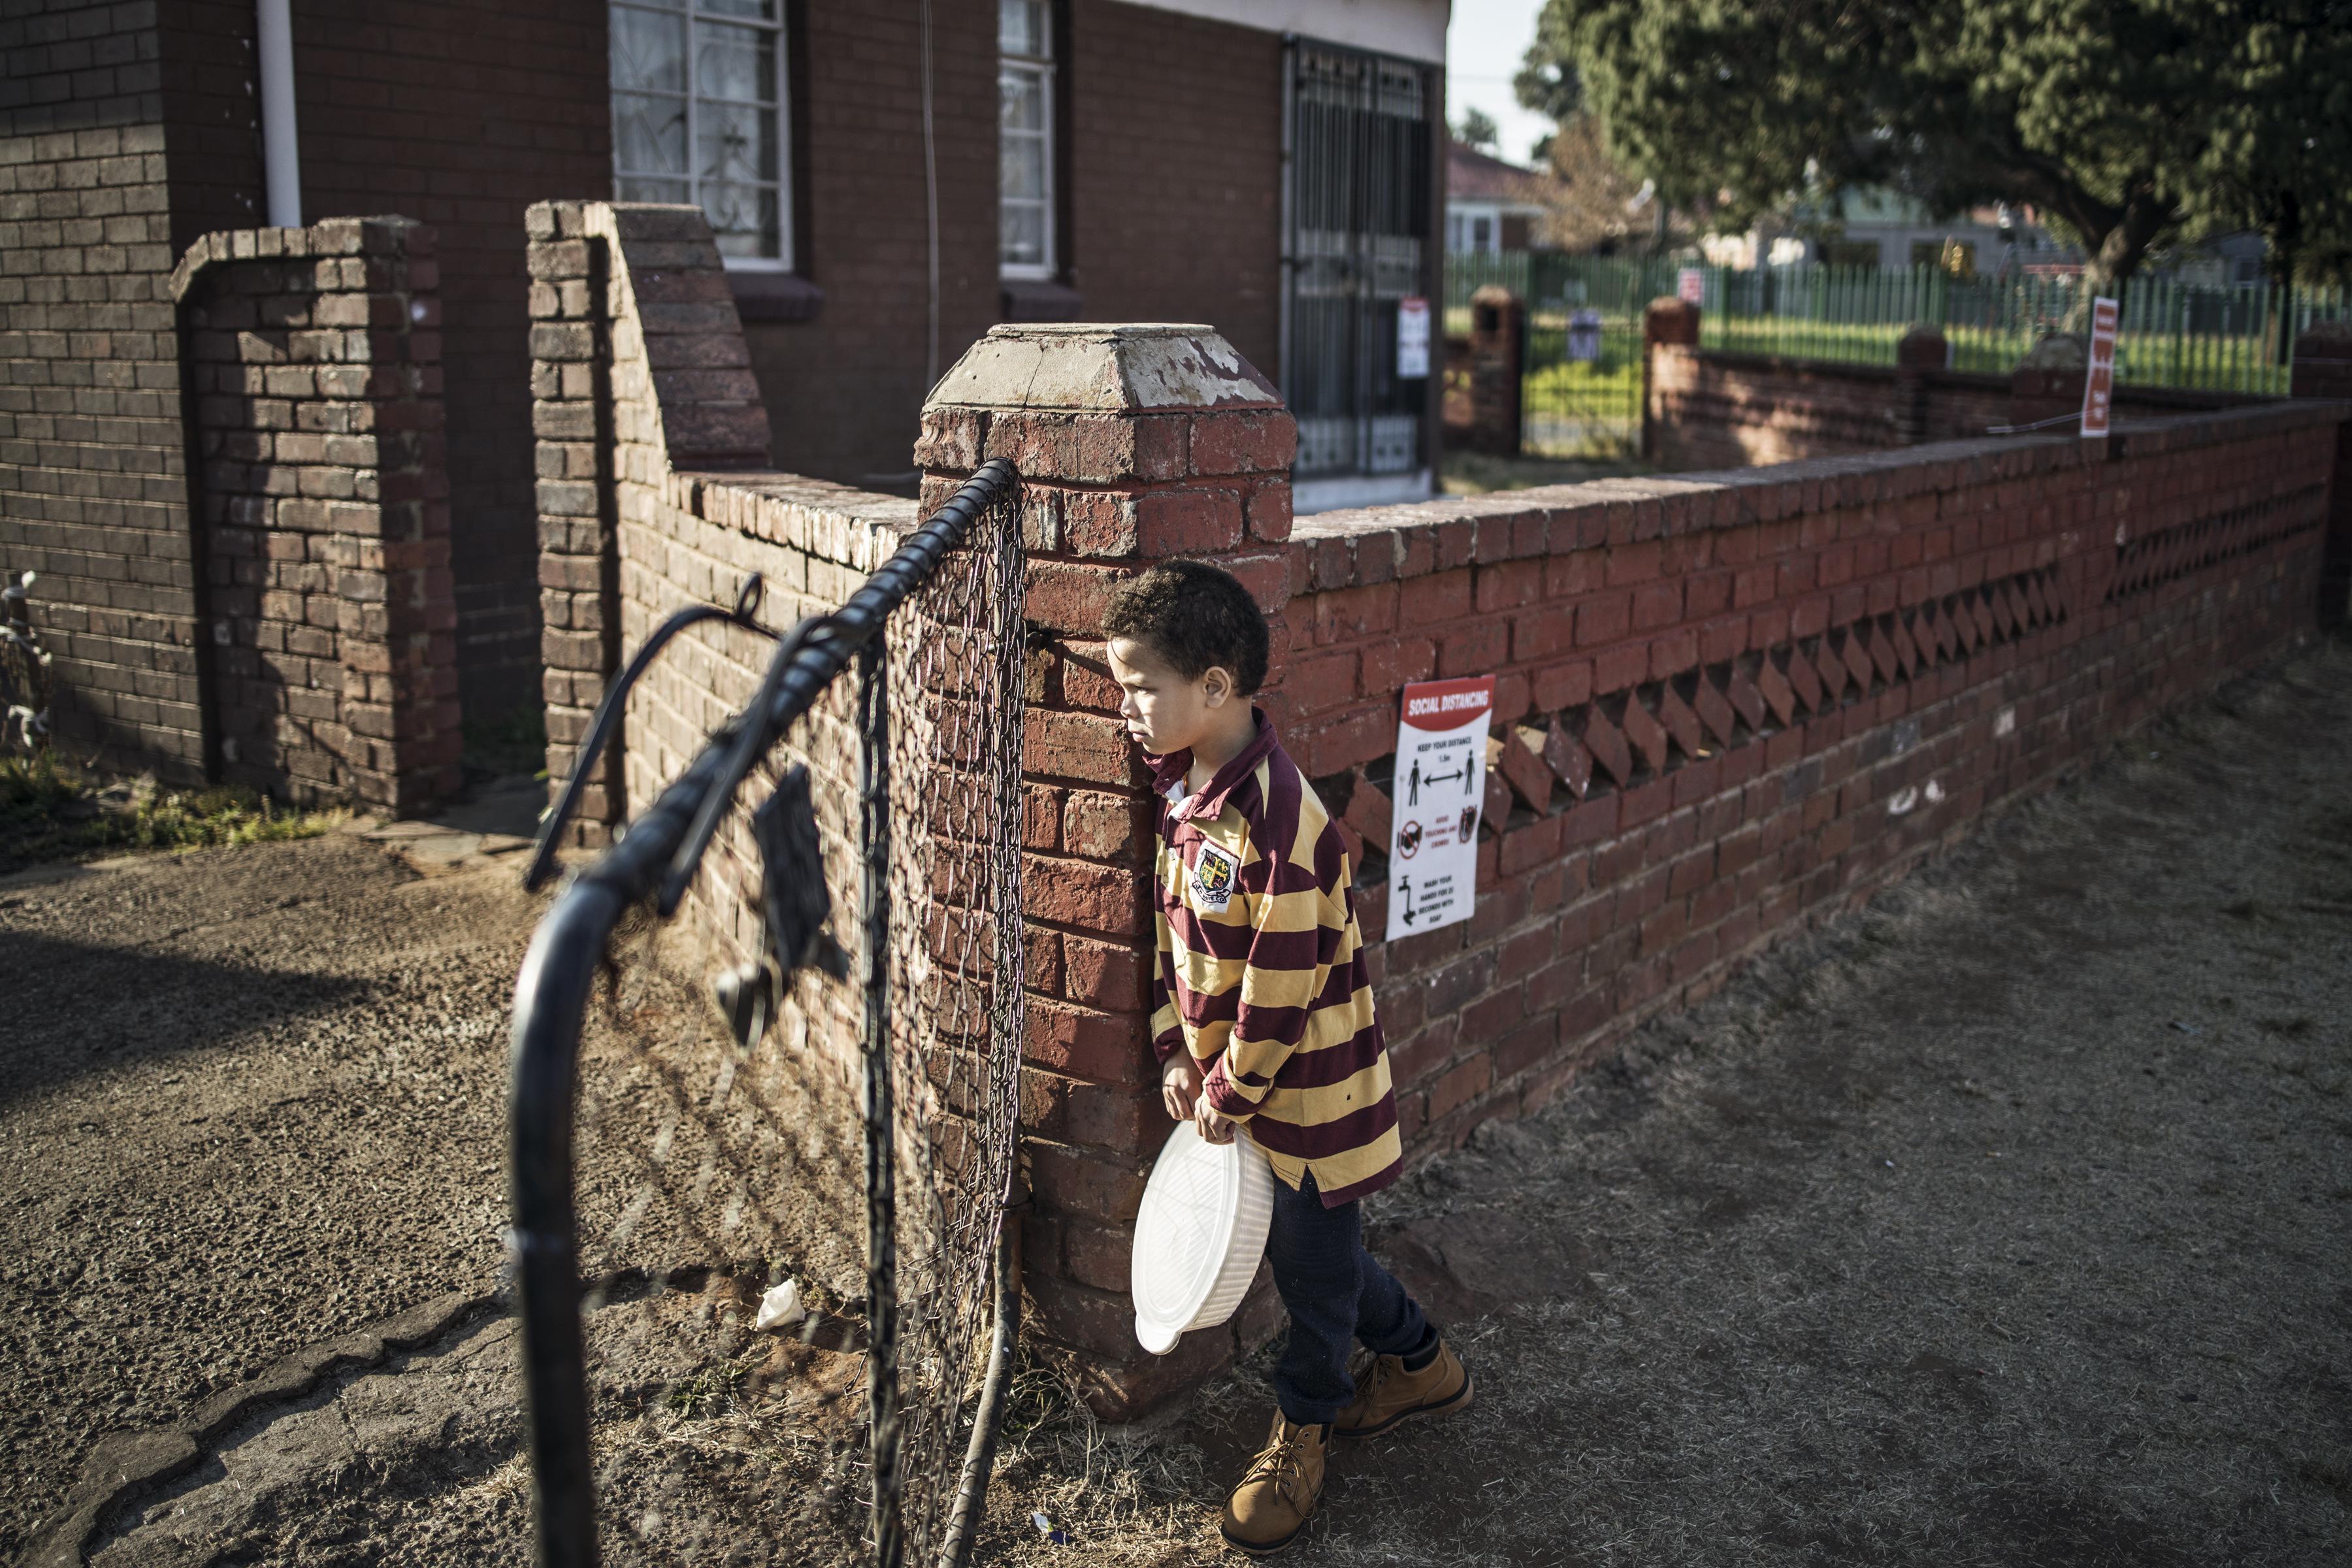 86 millióval lehet több szegénységben élő gyerek a koronavírus miatt